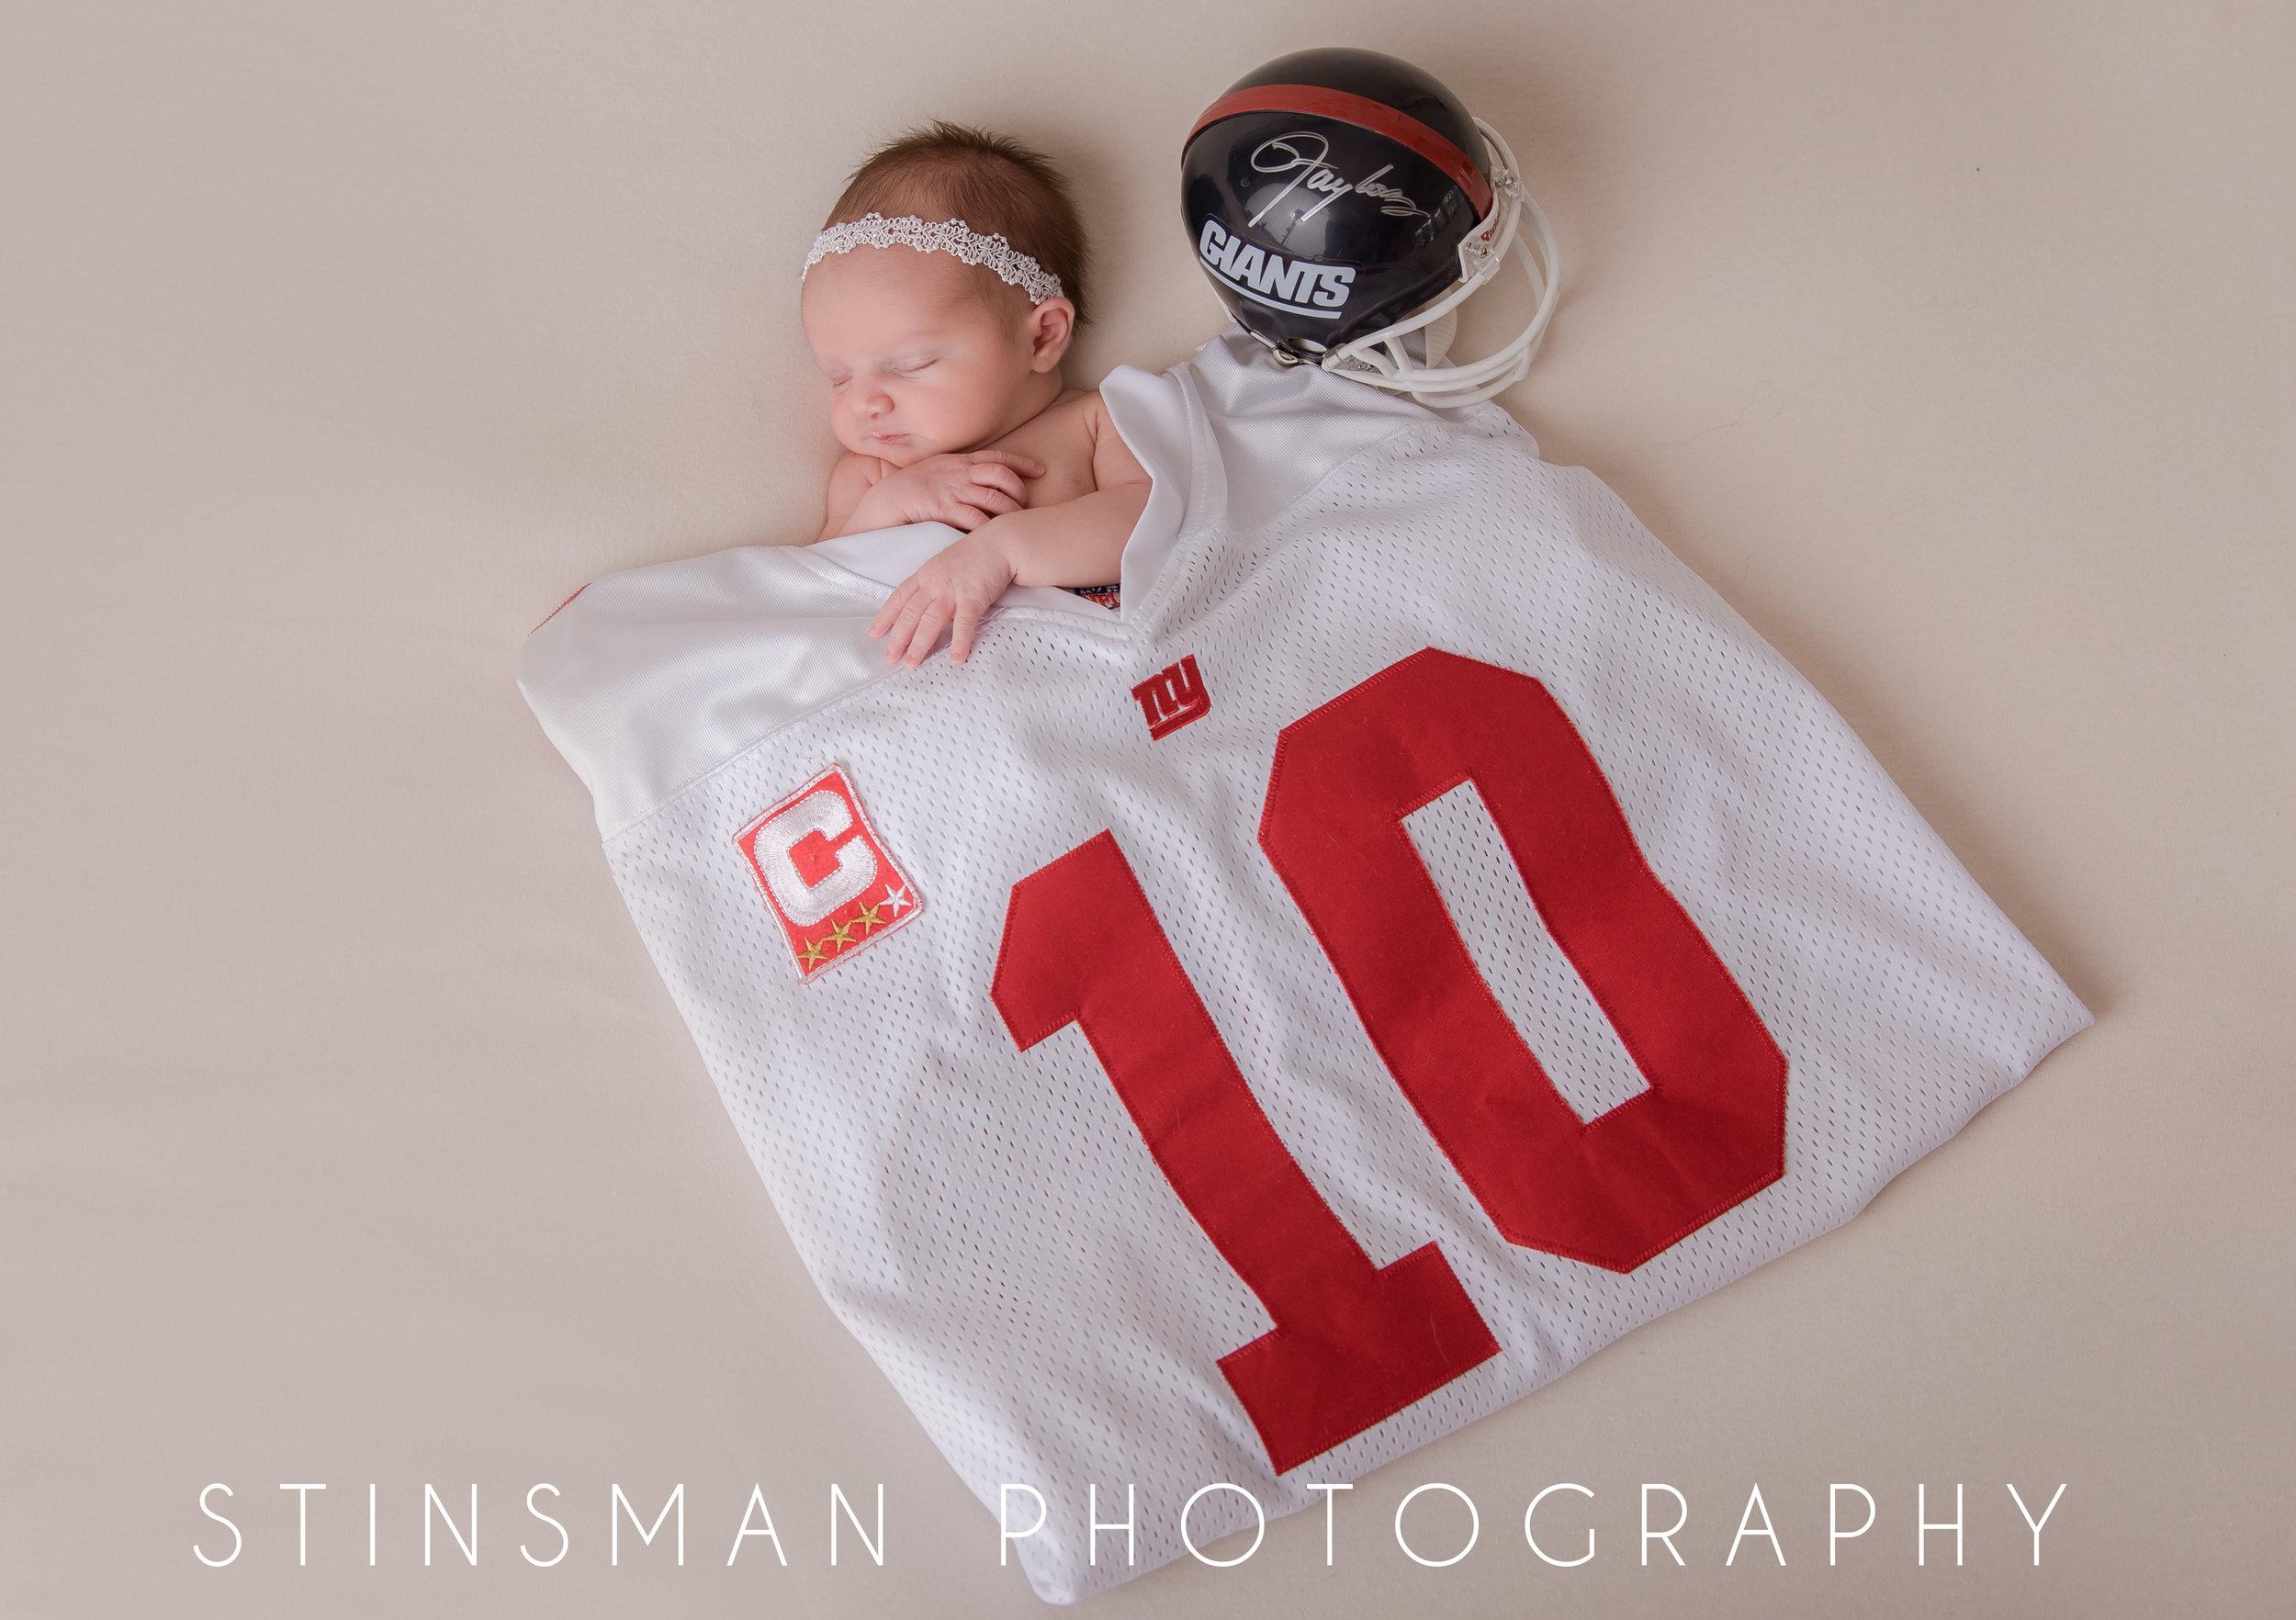 newborn girl under a giants football jersey and helmet